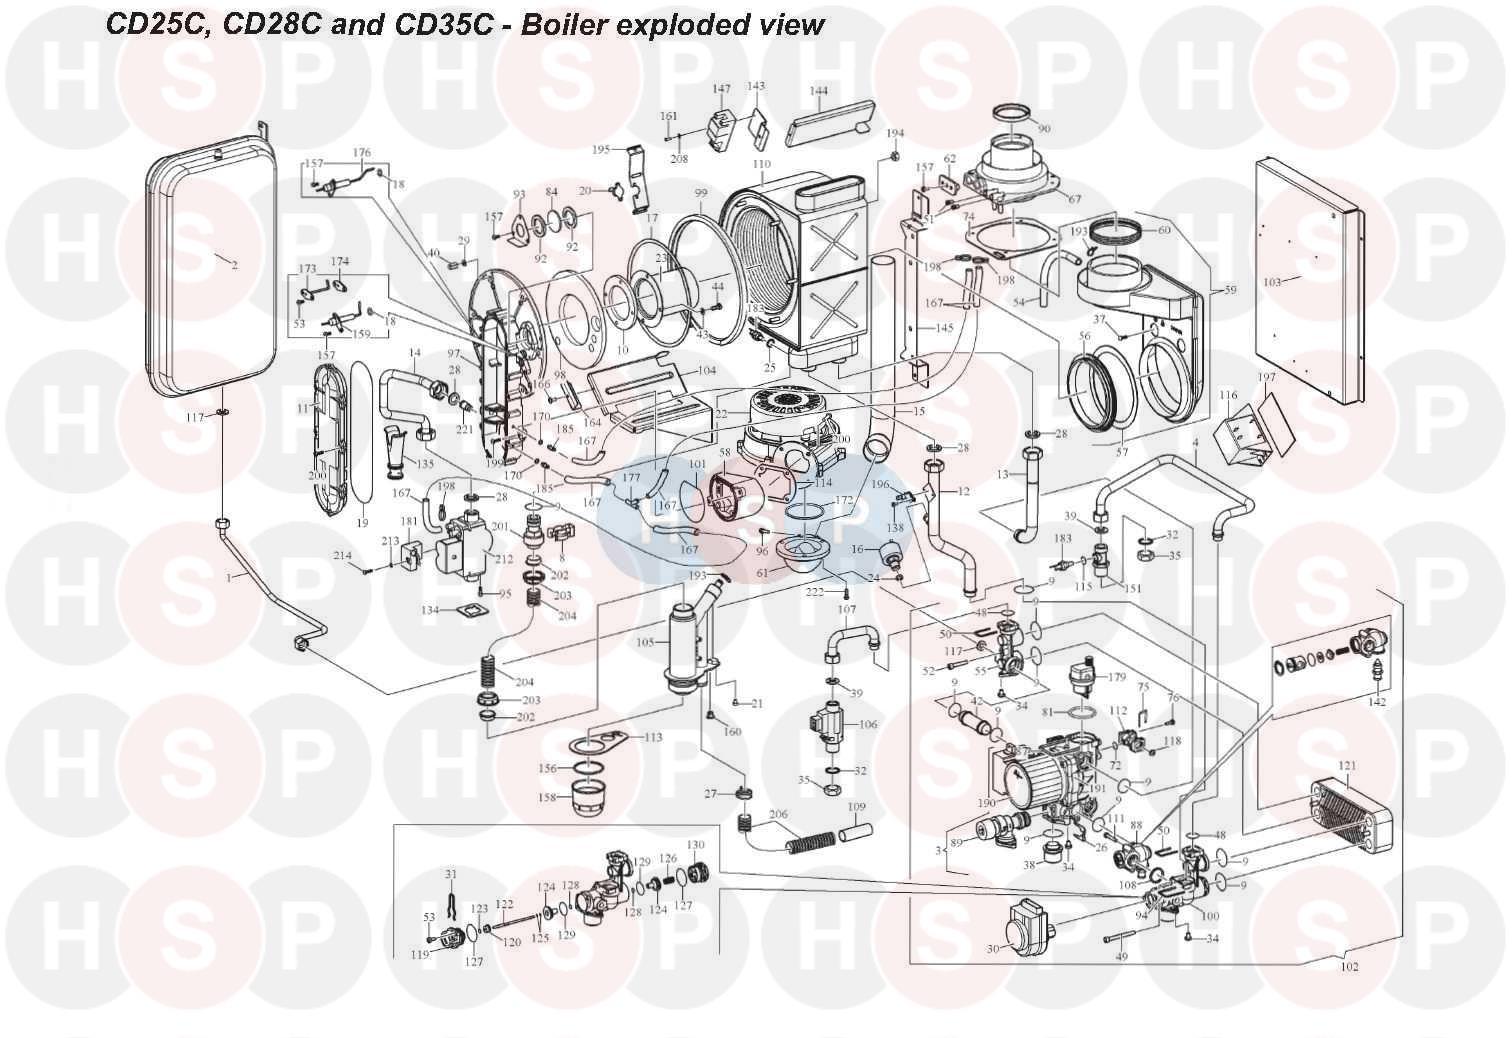 alpha cd25c appliance diagram boiler assembly heating. Black Bedroom Furniture Sets. Home Design Ideas